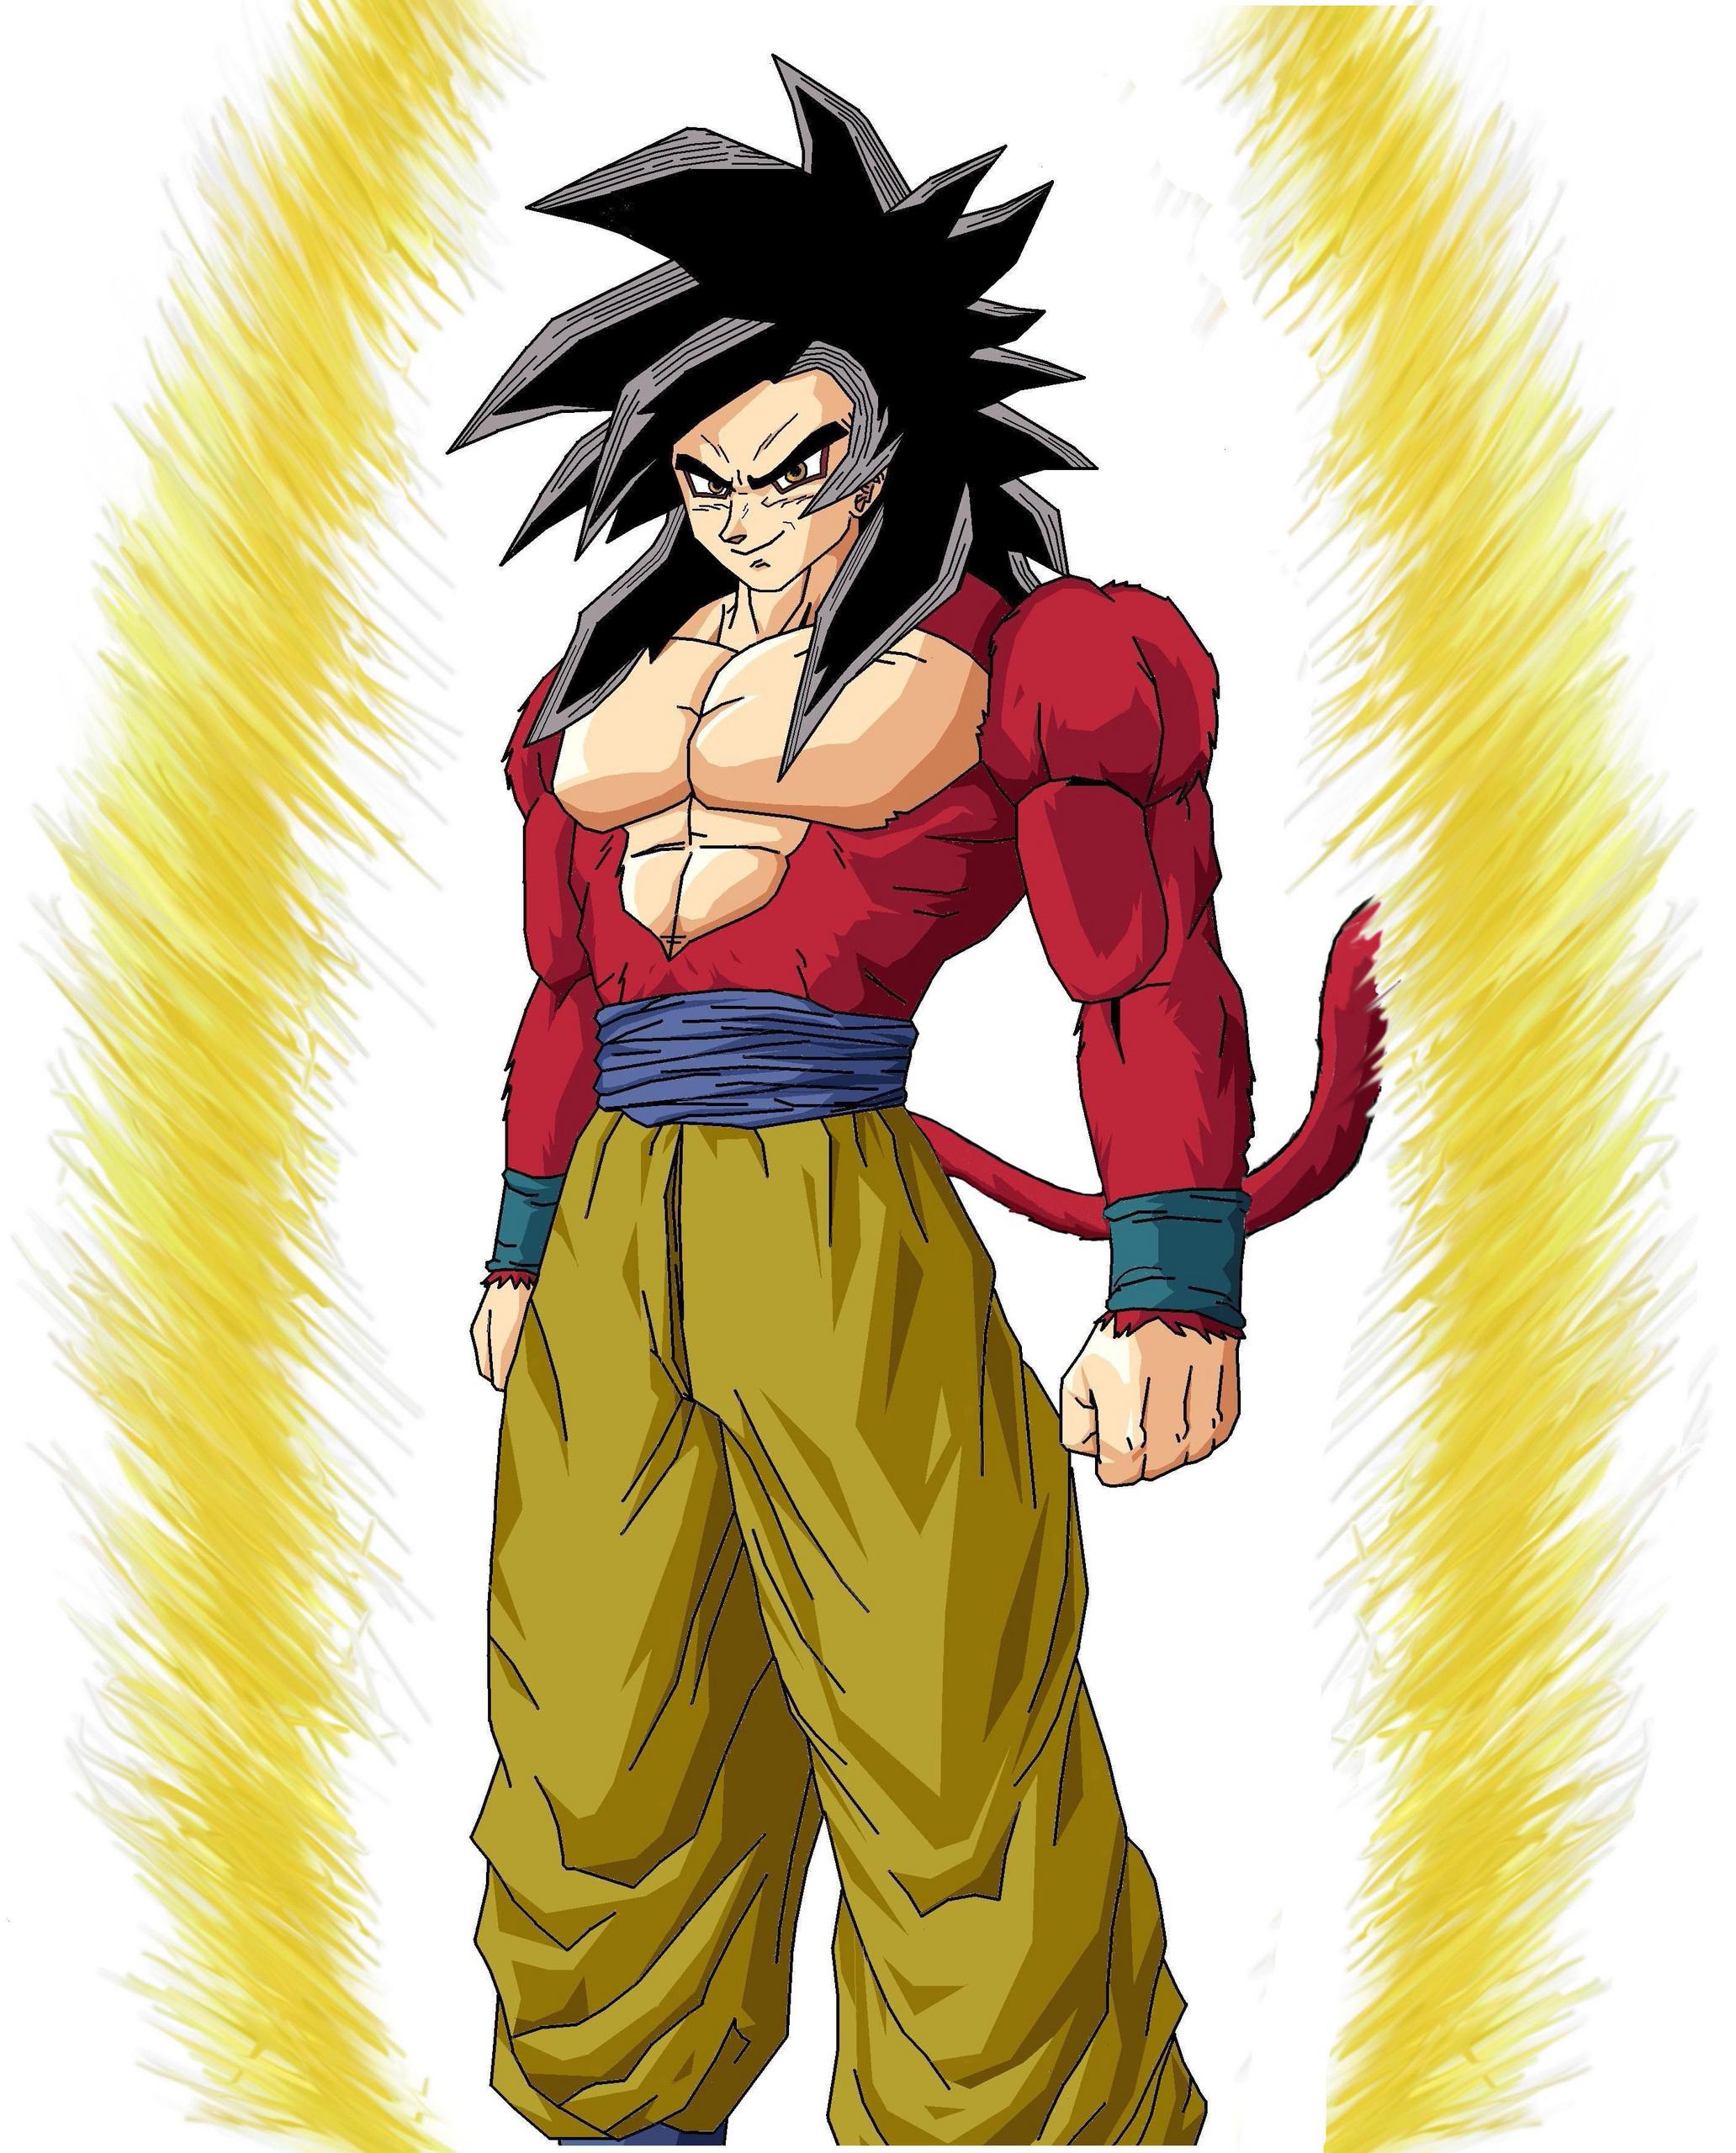 Ss4 Goku Ricardo98 Dragon Ball Z Fotografia 24150816 Fanpop